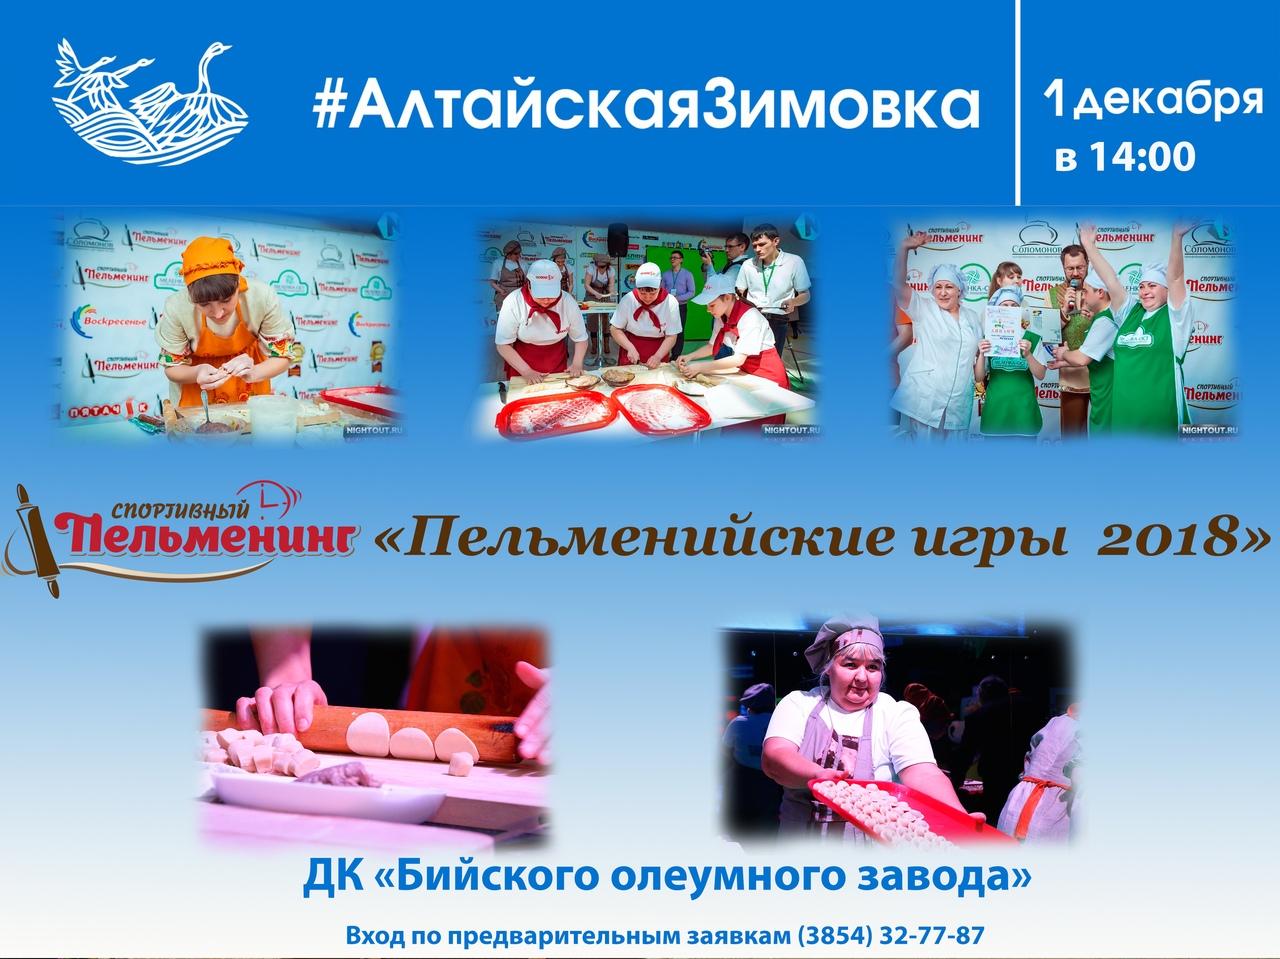 1 декабря состоятся «Пельменийские игры-2018»